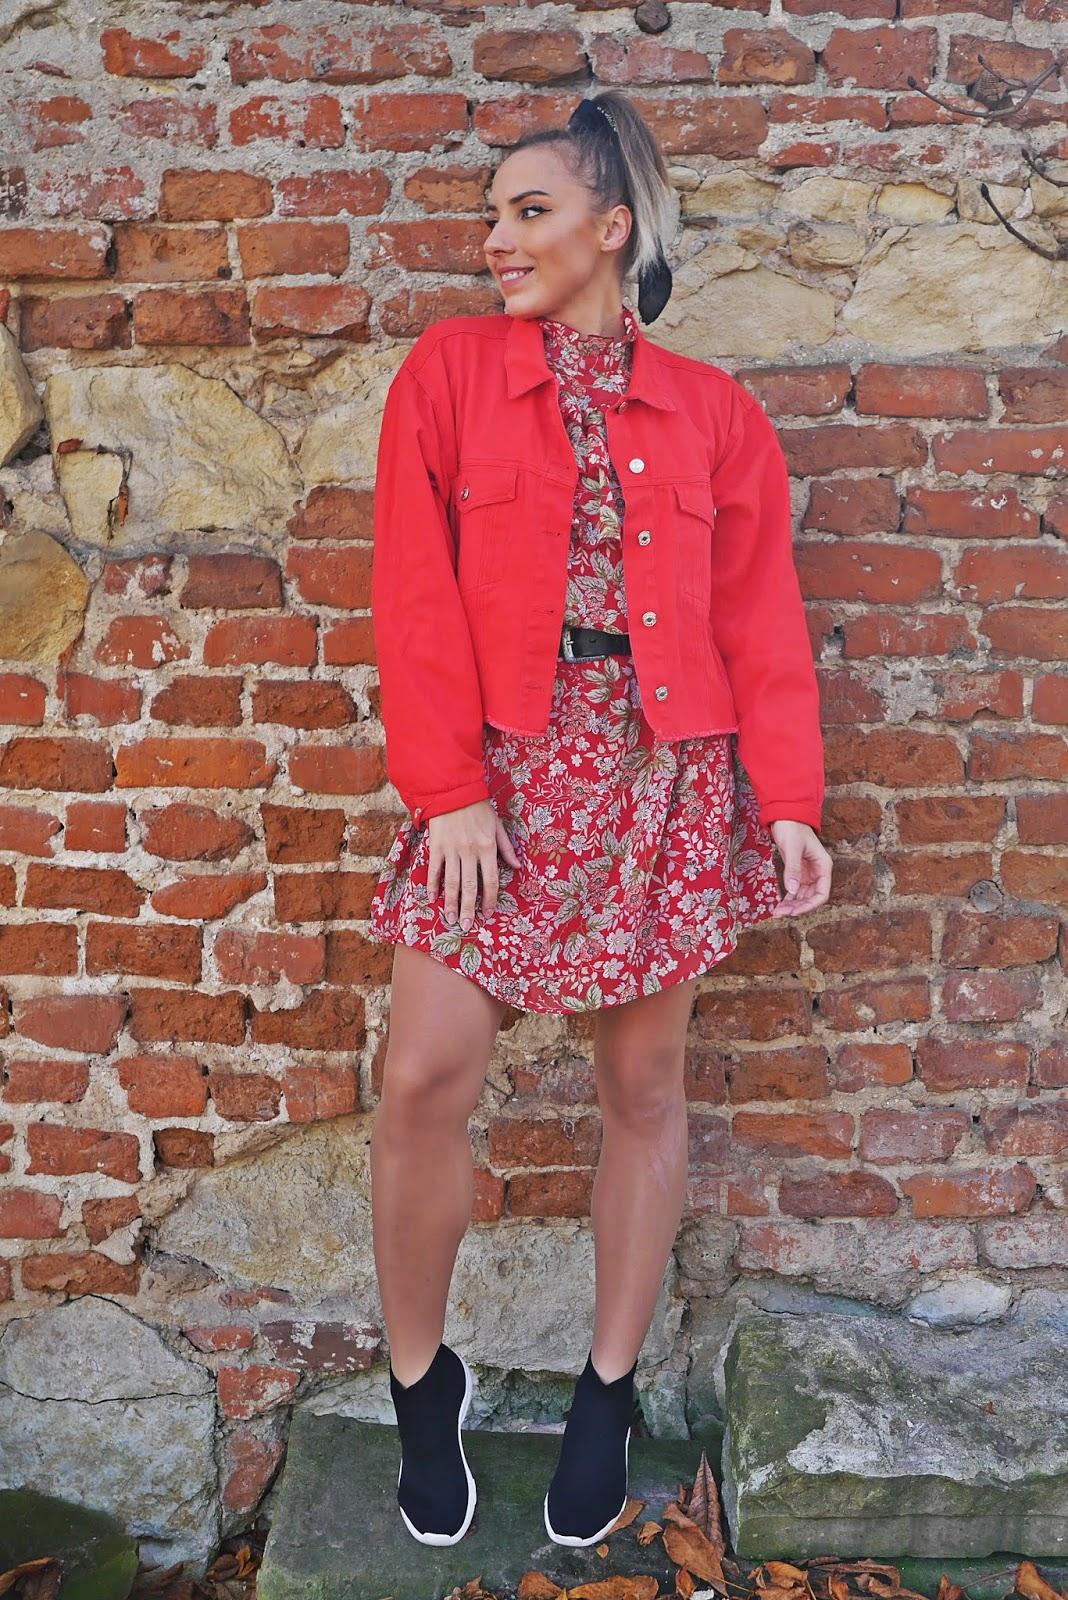 8_czerwona_jeansowa_kurtka_sukienka_w-kwiaty_bonprix_skarpetkowe_botki_renee_karyn_blog_modowy_121118